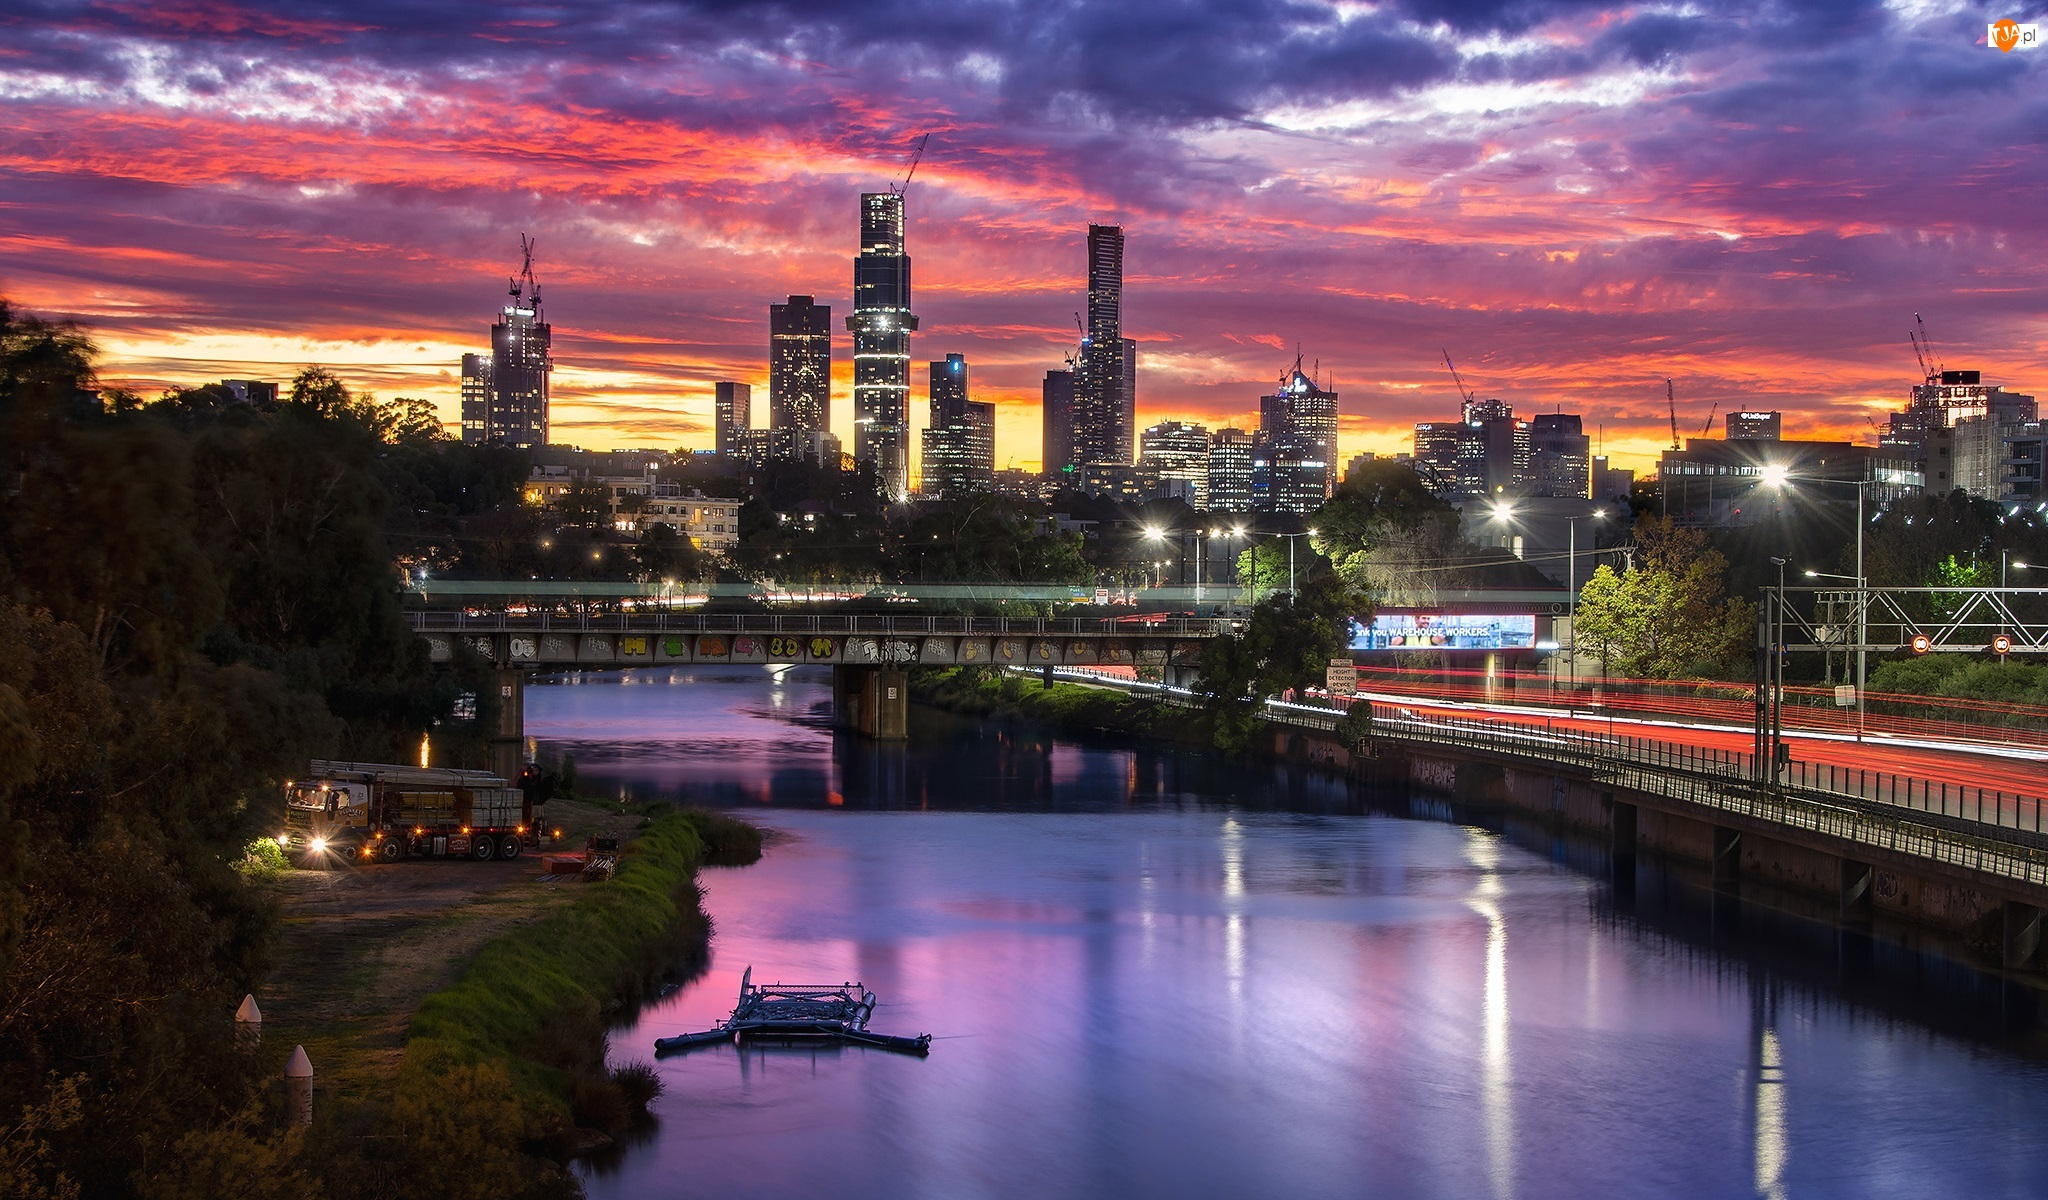 Zachód słońca, Melbourne, Chmury, Most, Światła, Miasto, Wieżowce, Australia, Rzeka Yarra